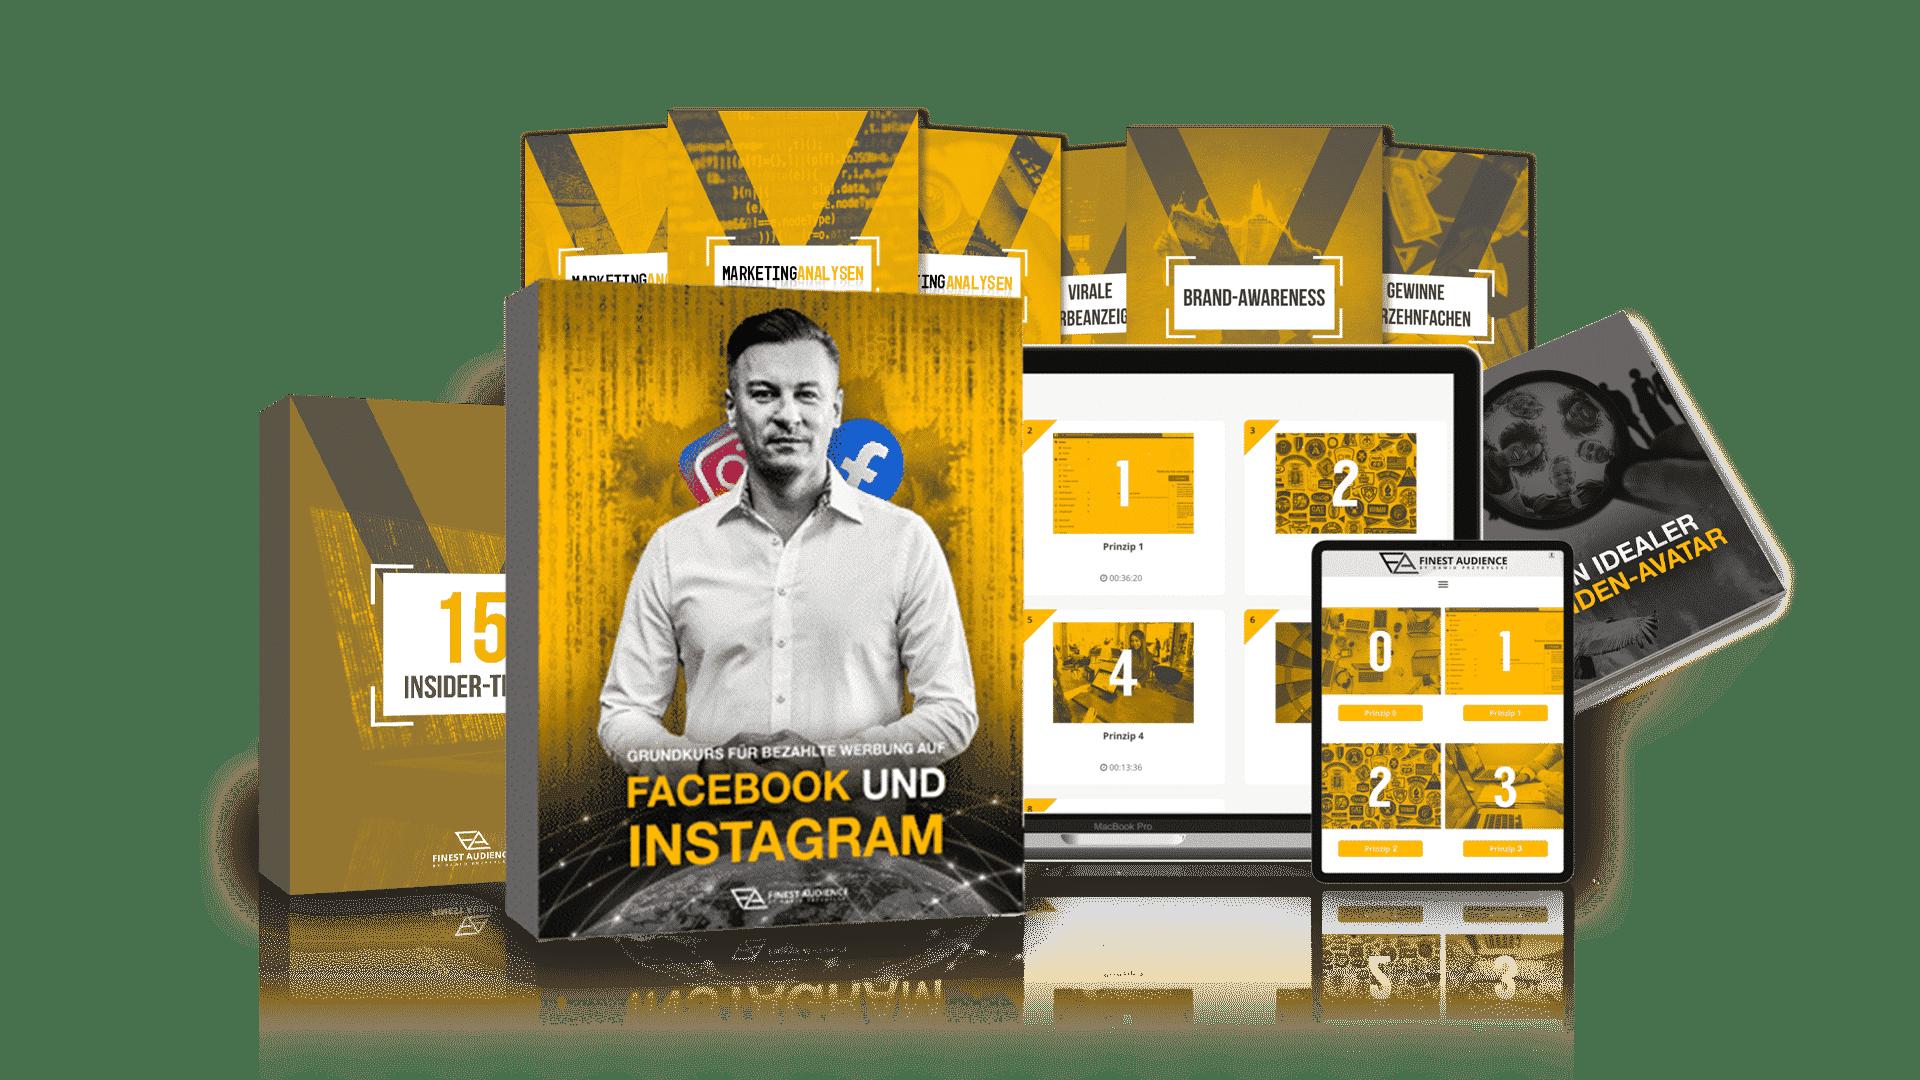 Grundkurs für bezahlte Werbung auf Facebook und Instagram